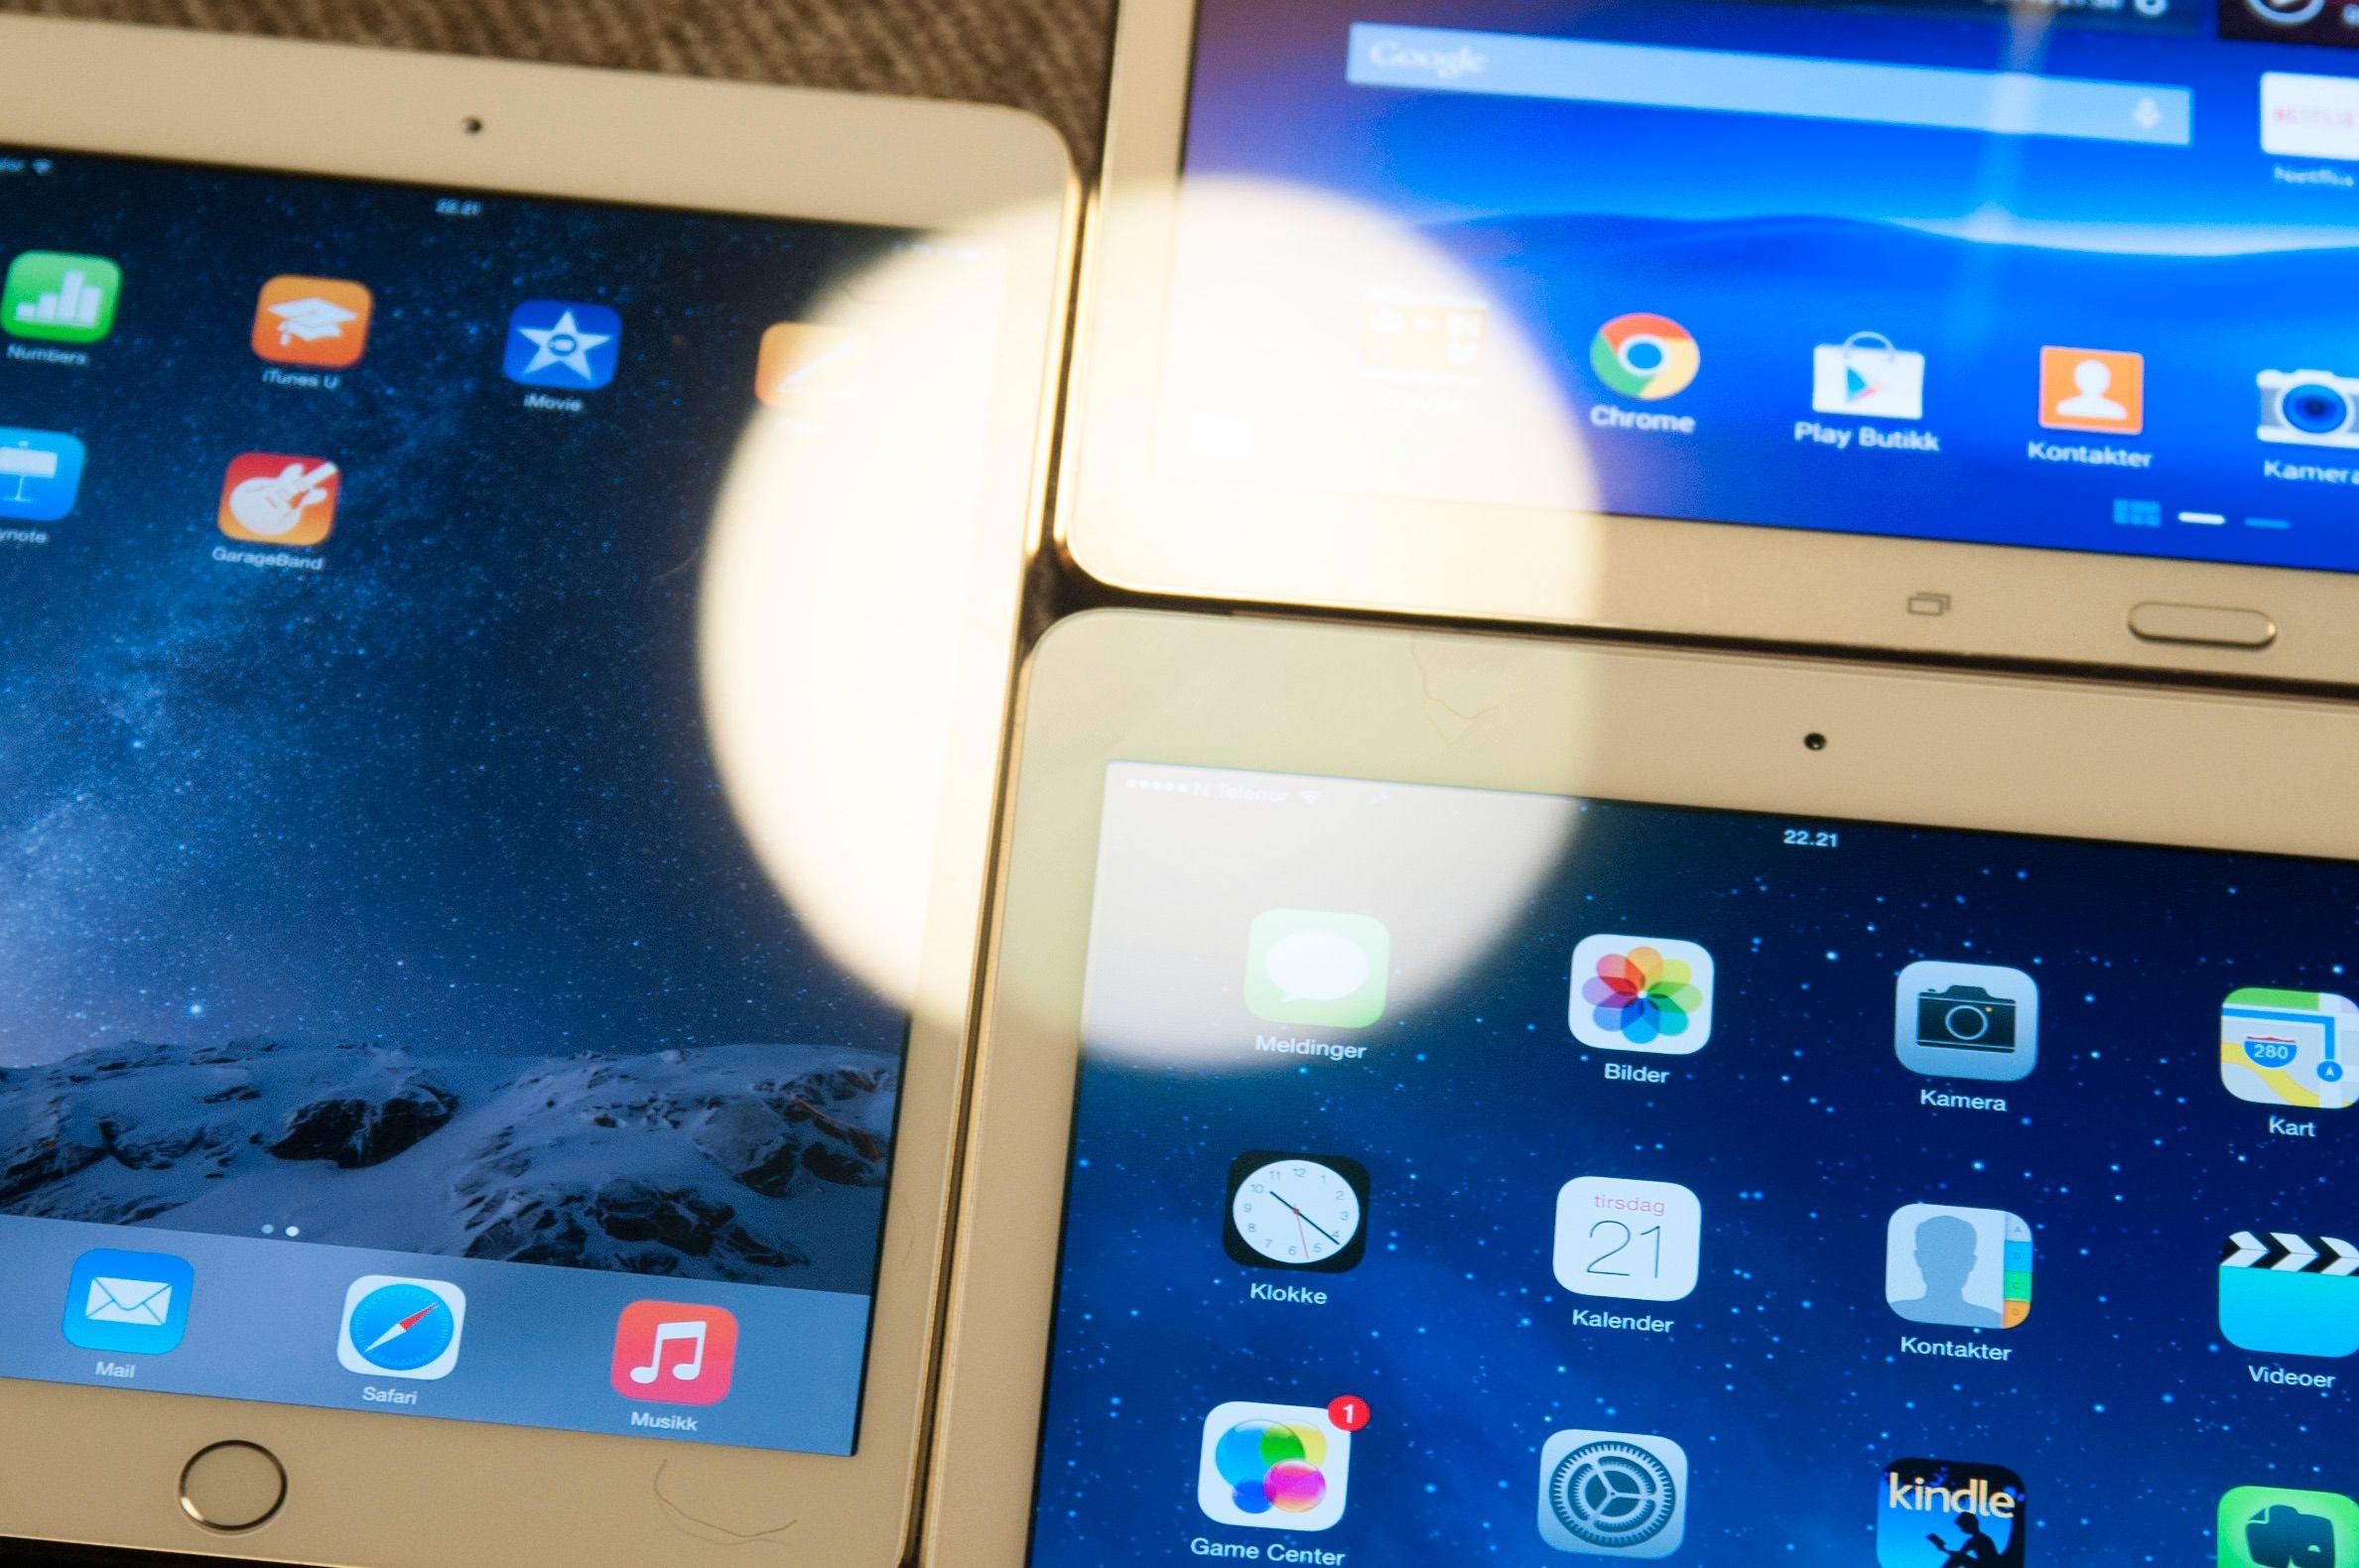 Det er betydelig mindre refleks i iPad Air 2-skjermen enn i andre nettbrett. Til venstre ser du iPad Mini 3, øverst til høyre er Samsung Galaxy Tab S, og nede til høyre er iPad Air 2.Foto: Finn Jarle Kvalheim, Tek.no